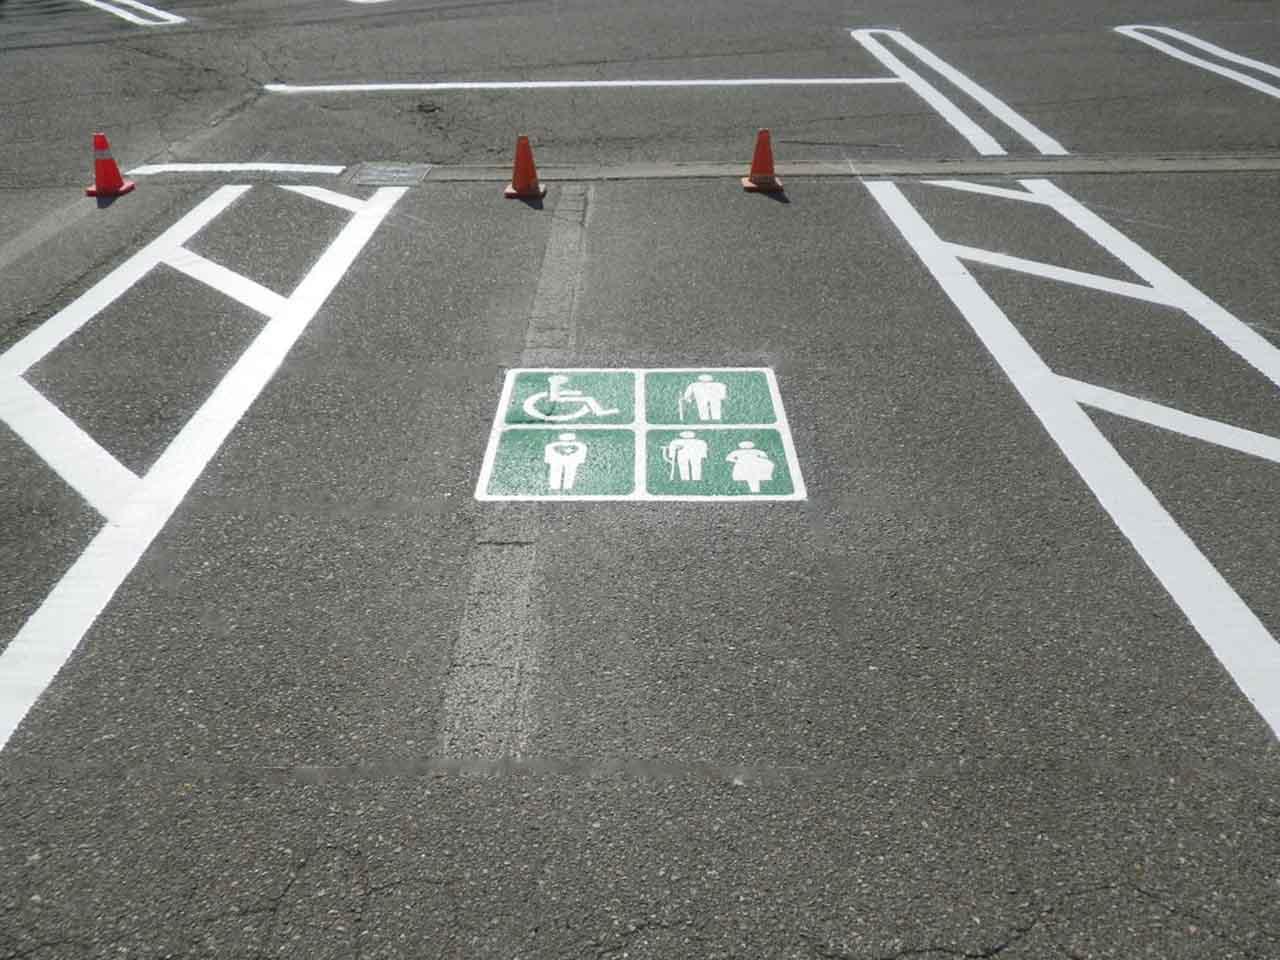 優先駐車マーク